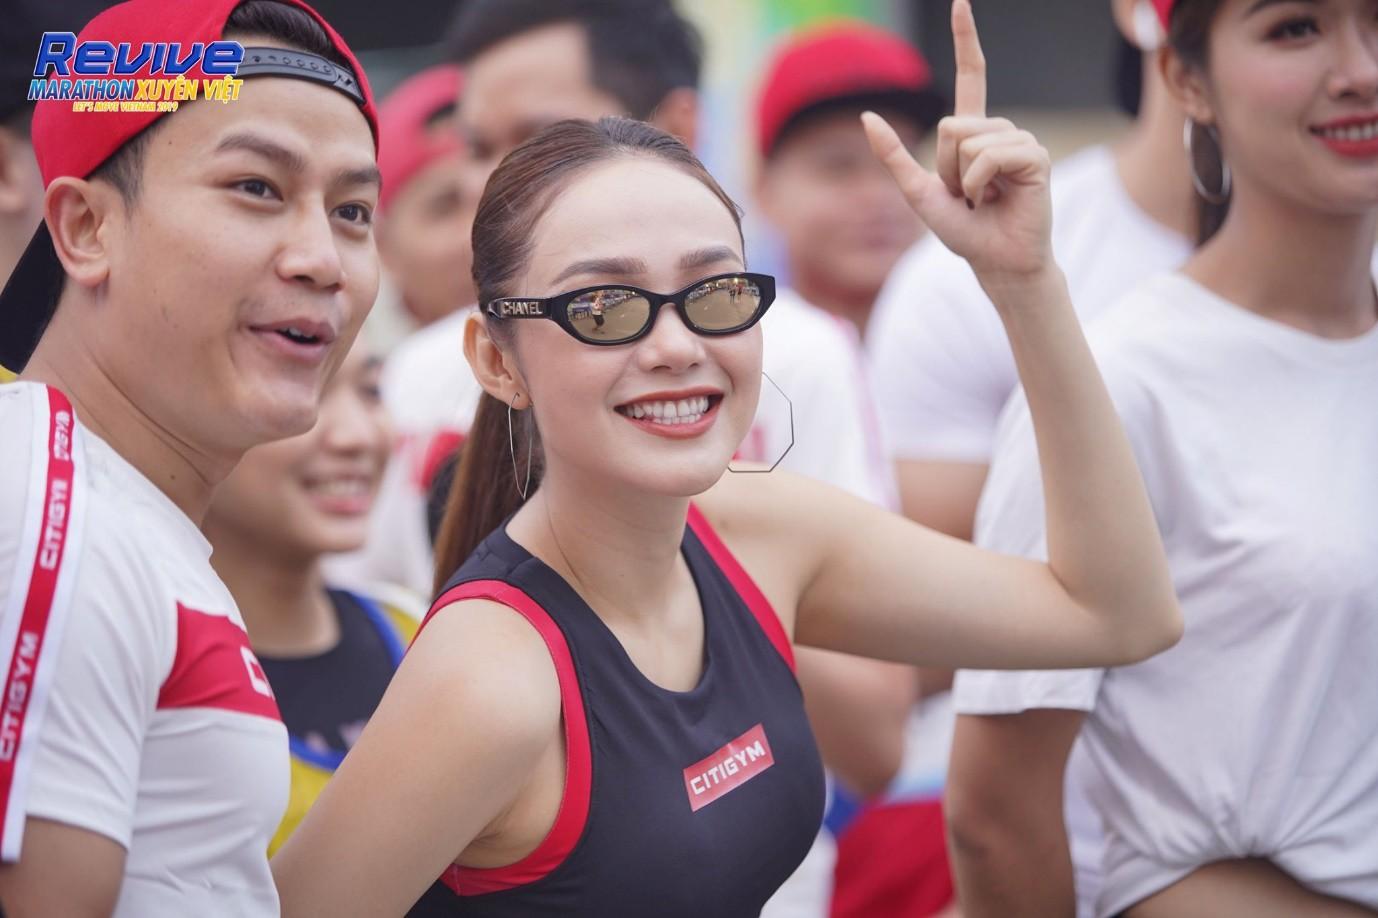 Minh Hằng, Mlee, Quốc Anh... thử sức mình trong giải Revive Marathon Xuyên Việt - Ảnh 3.